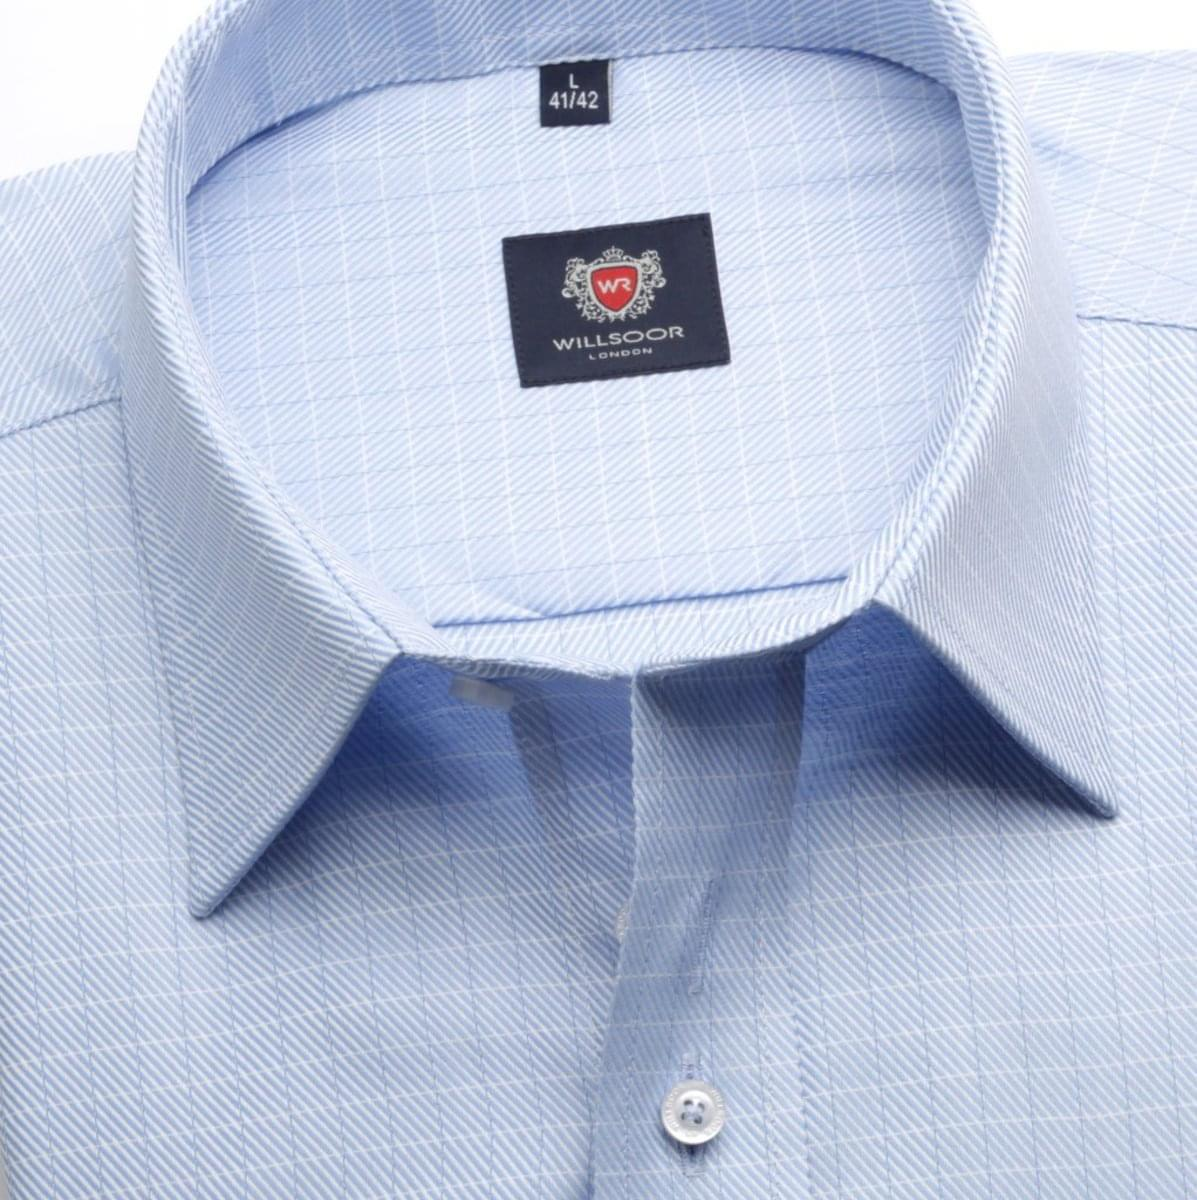 Pánská košile London v modré barvě (výška 176-182) 5557 176-182 / XL (43/44)